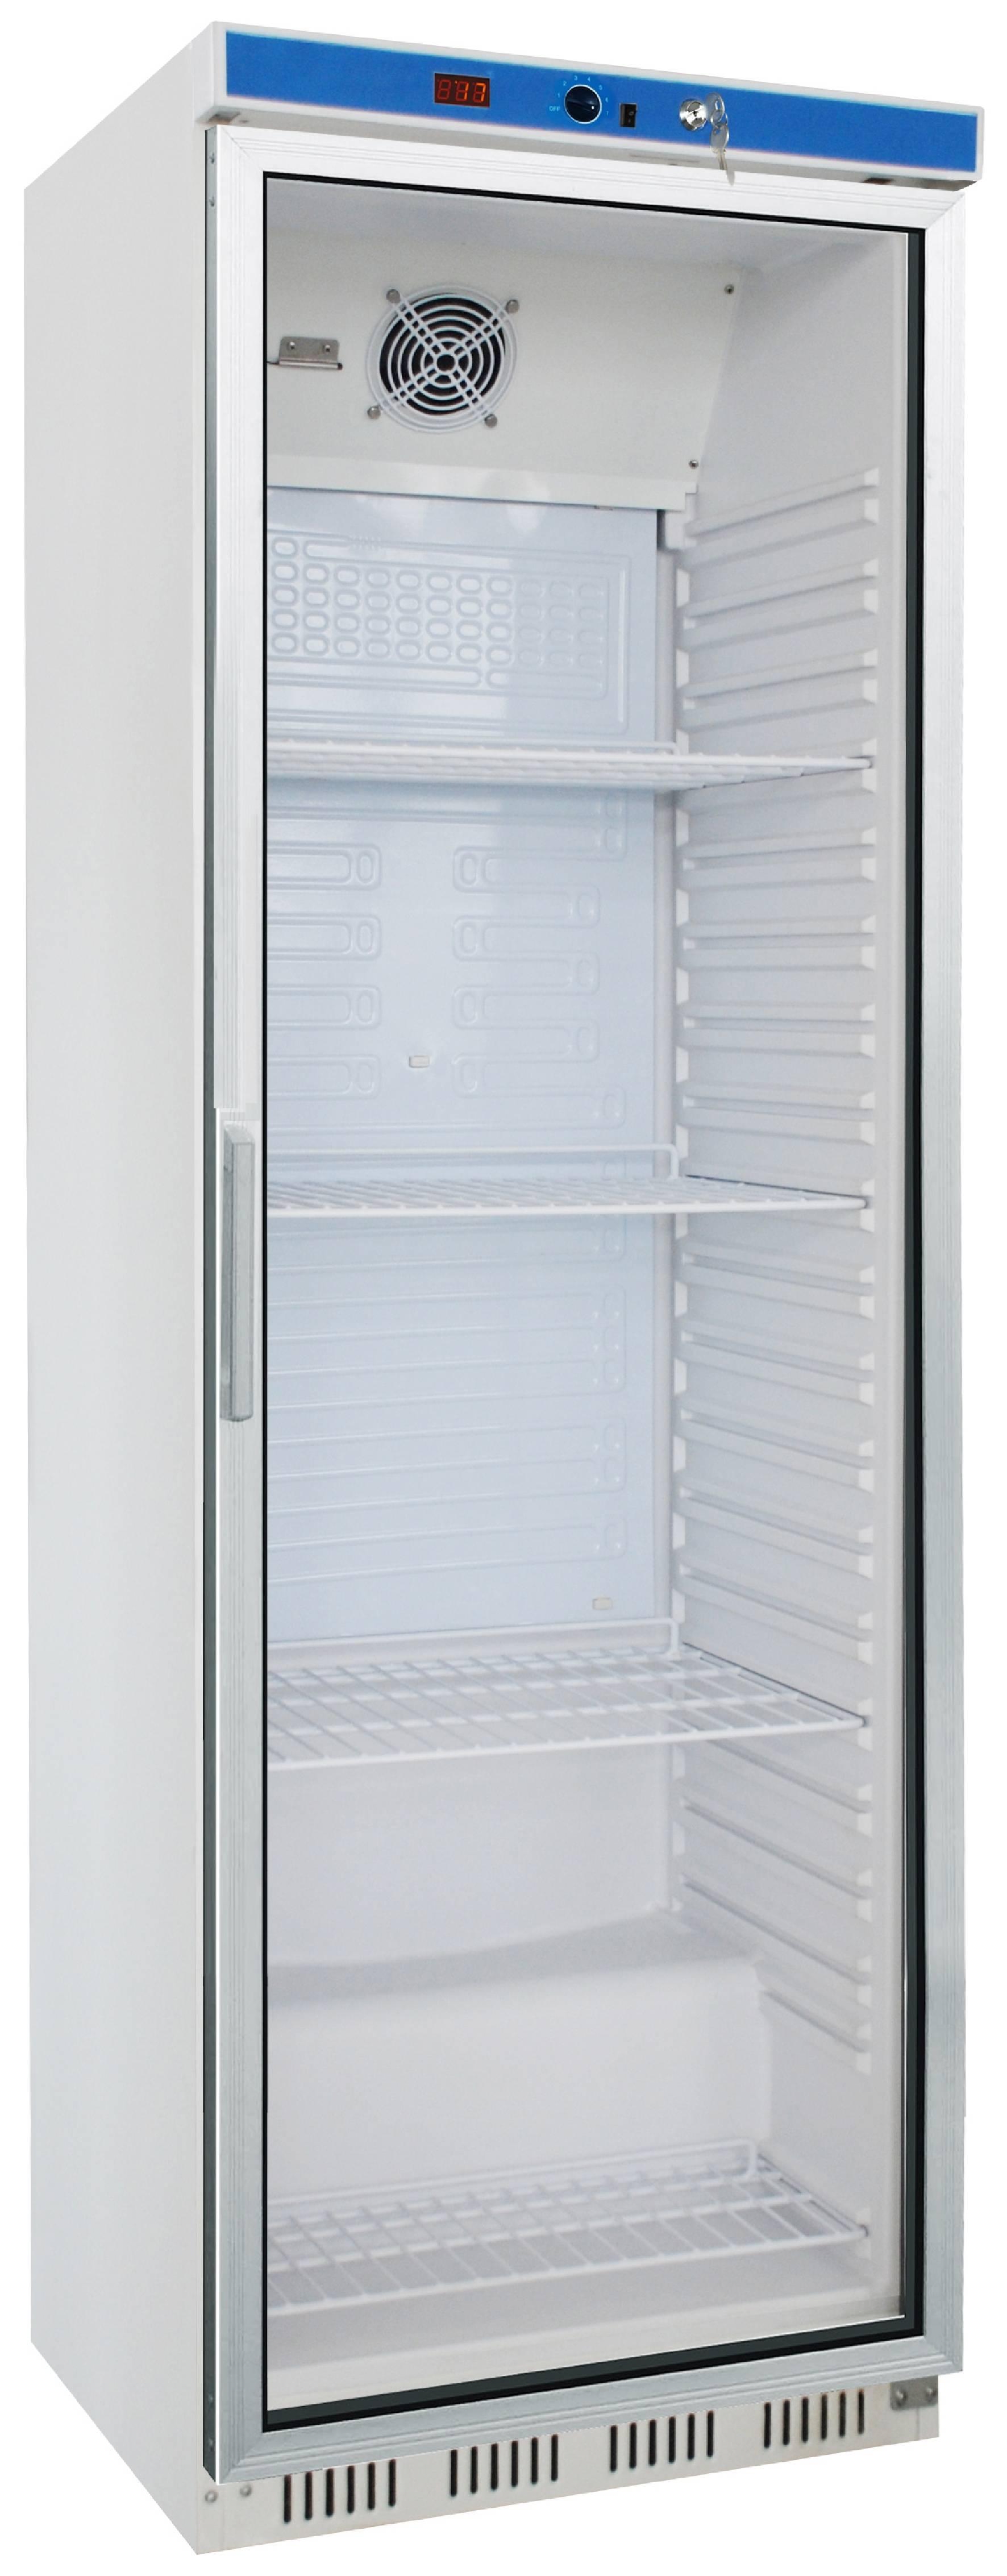 Tolle Electrolux Kühlschrank Camping Zeitgenössisch - Die ...